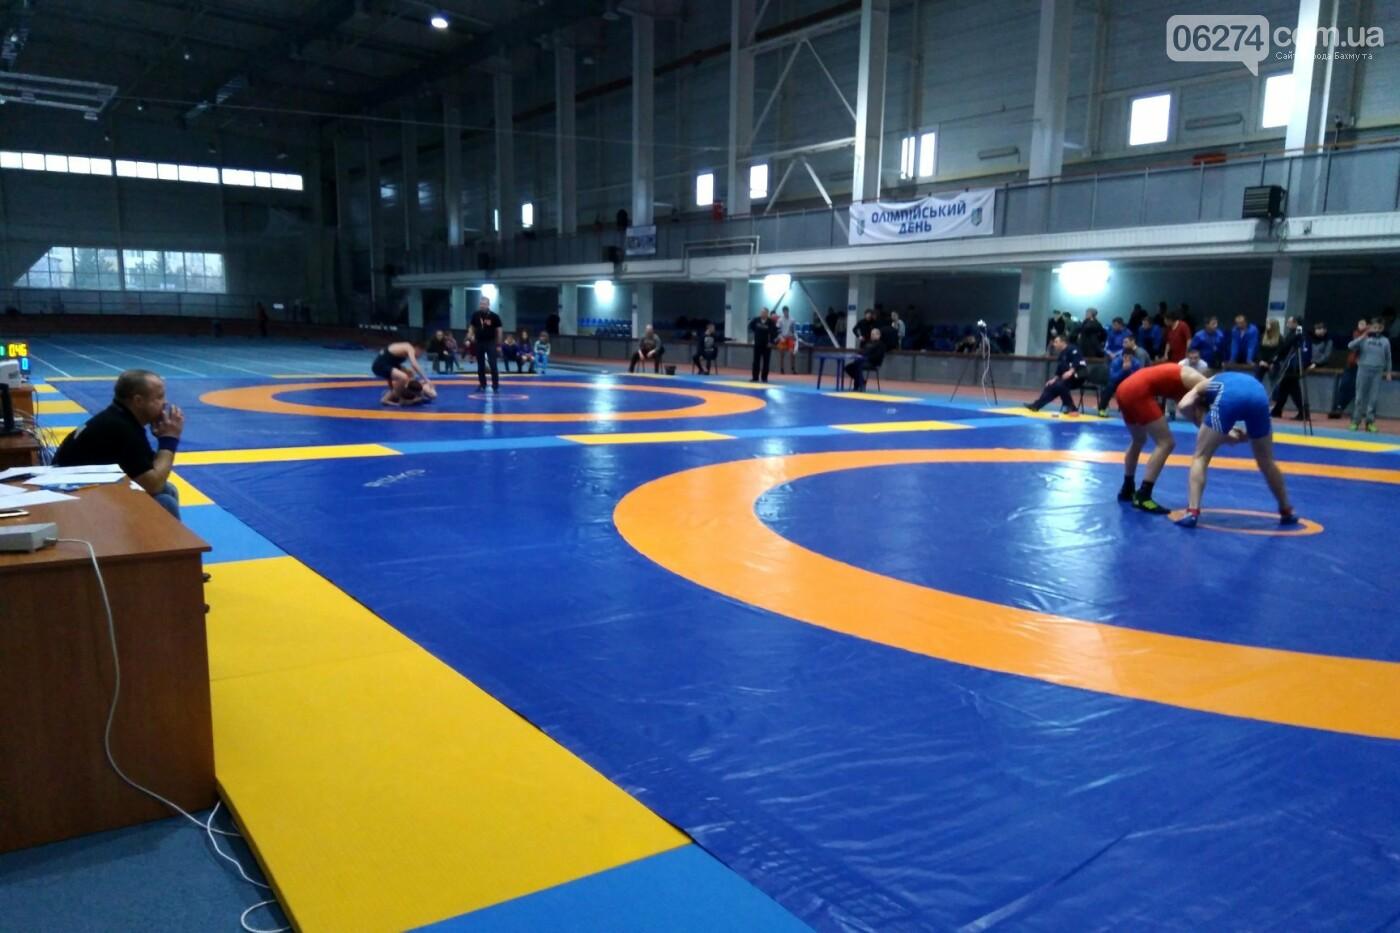 Областные соревнования по вольной борьбе в Бахмуте стали репетицией Чемпионата Украины, фото-2